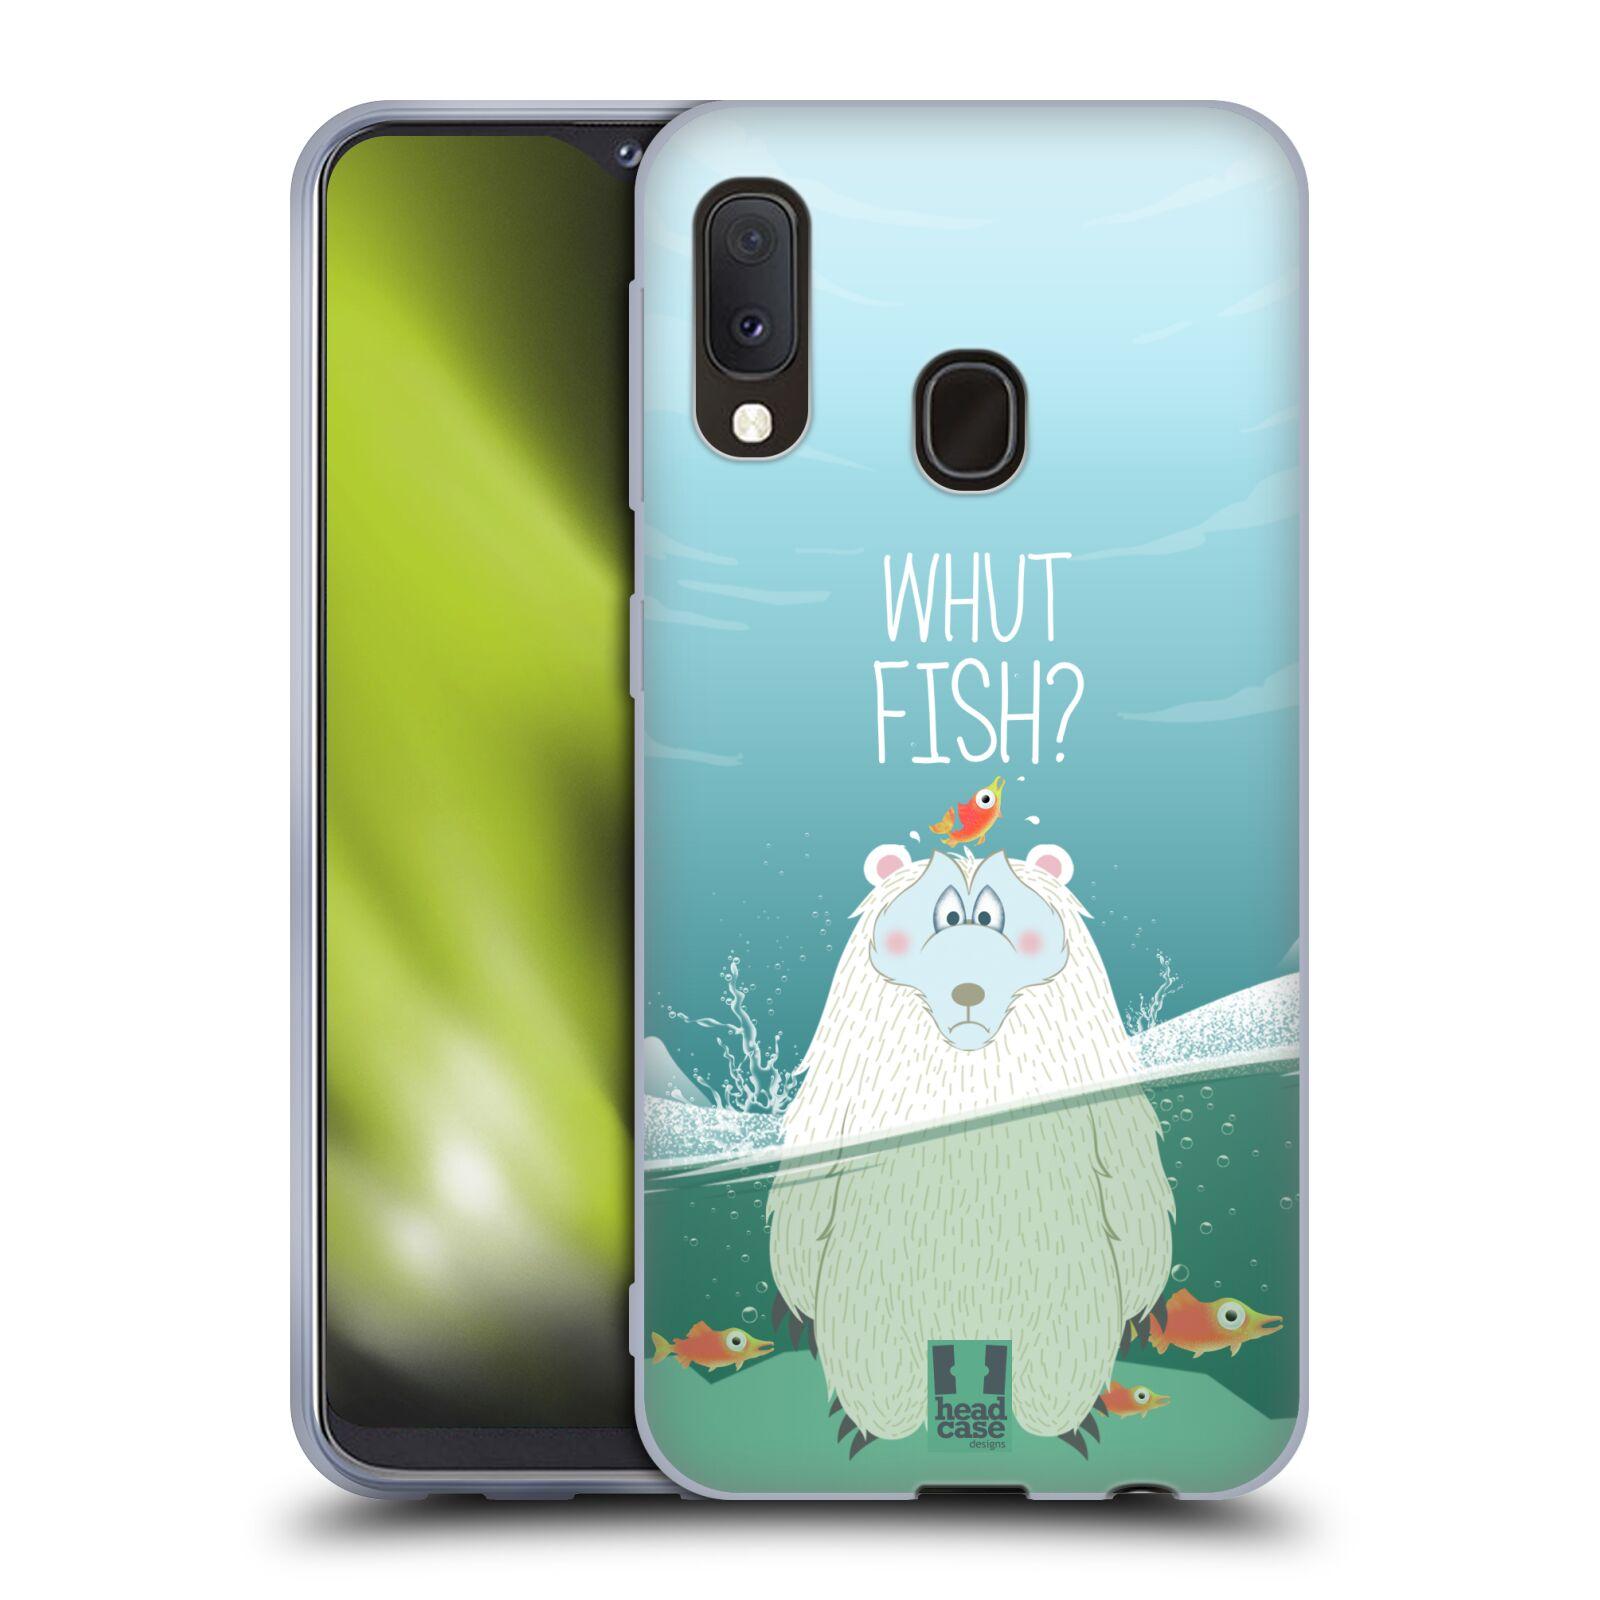 Silikonové pouzdro na mobil Samsung Galaxy A20e - Head Case - Medvěd Whut Fish?